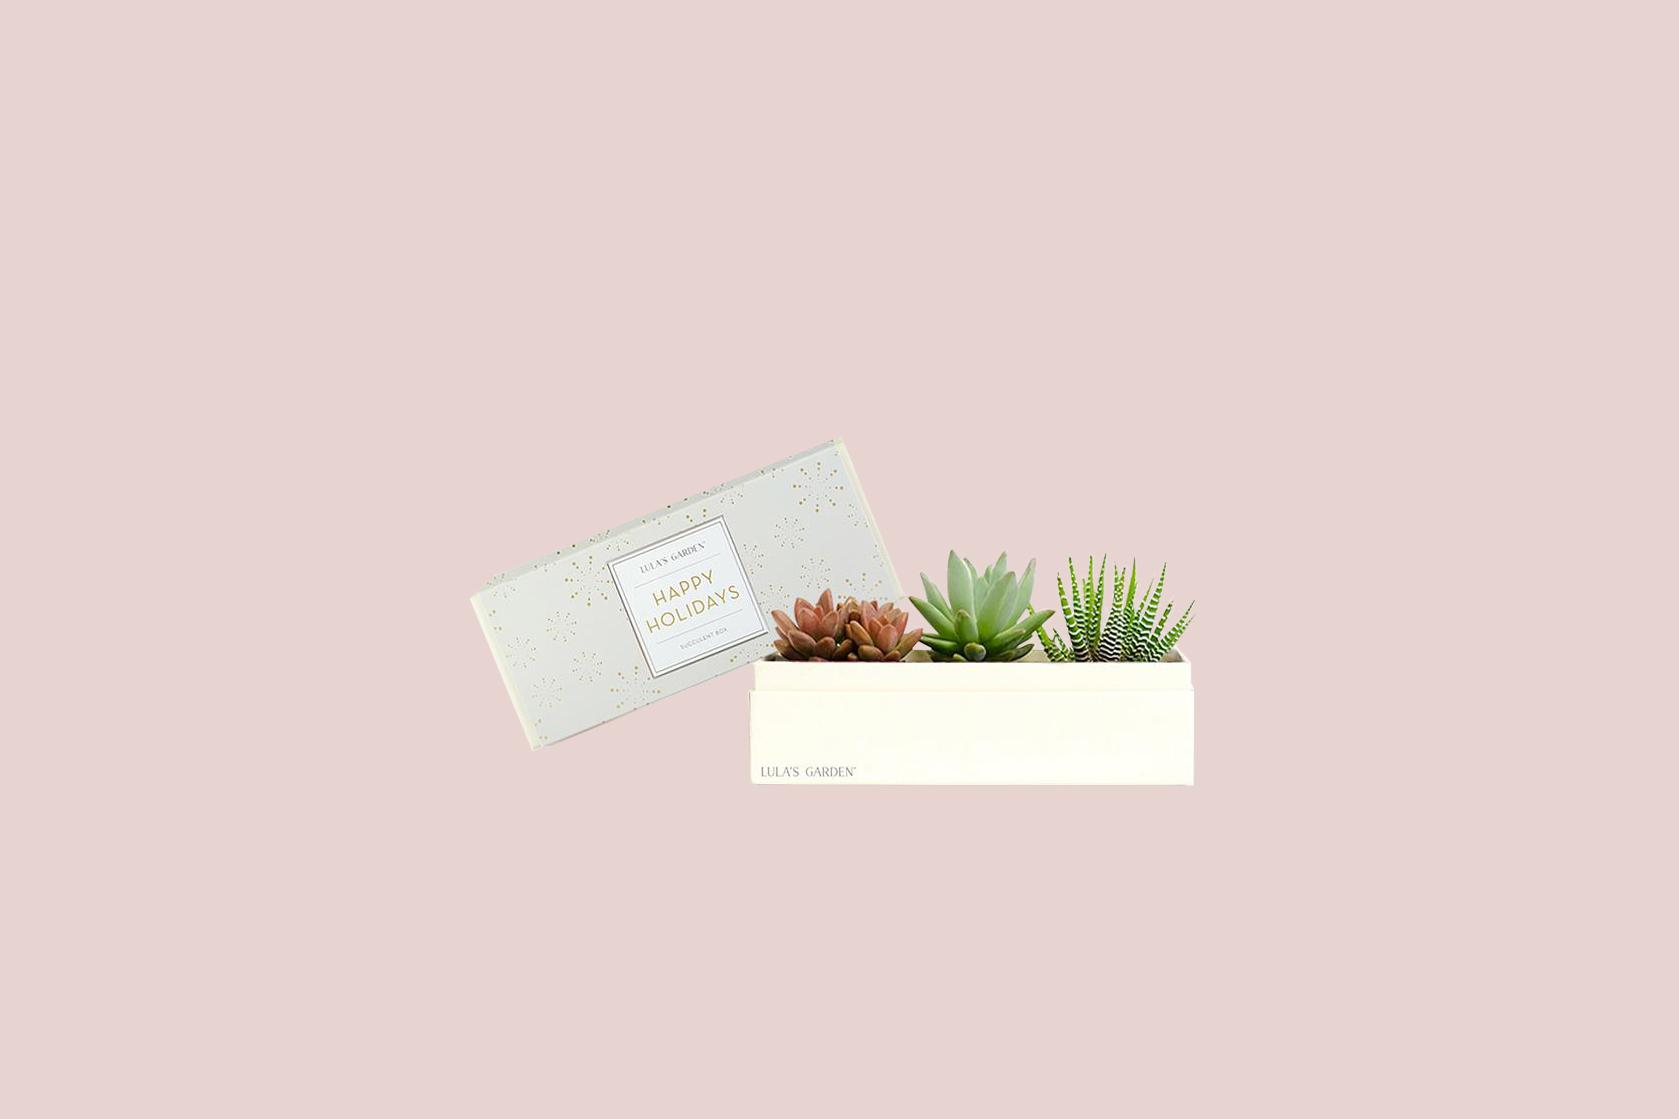 lulas garden succulent box